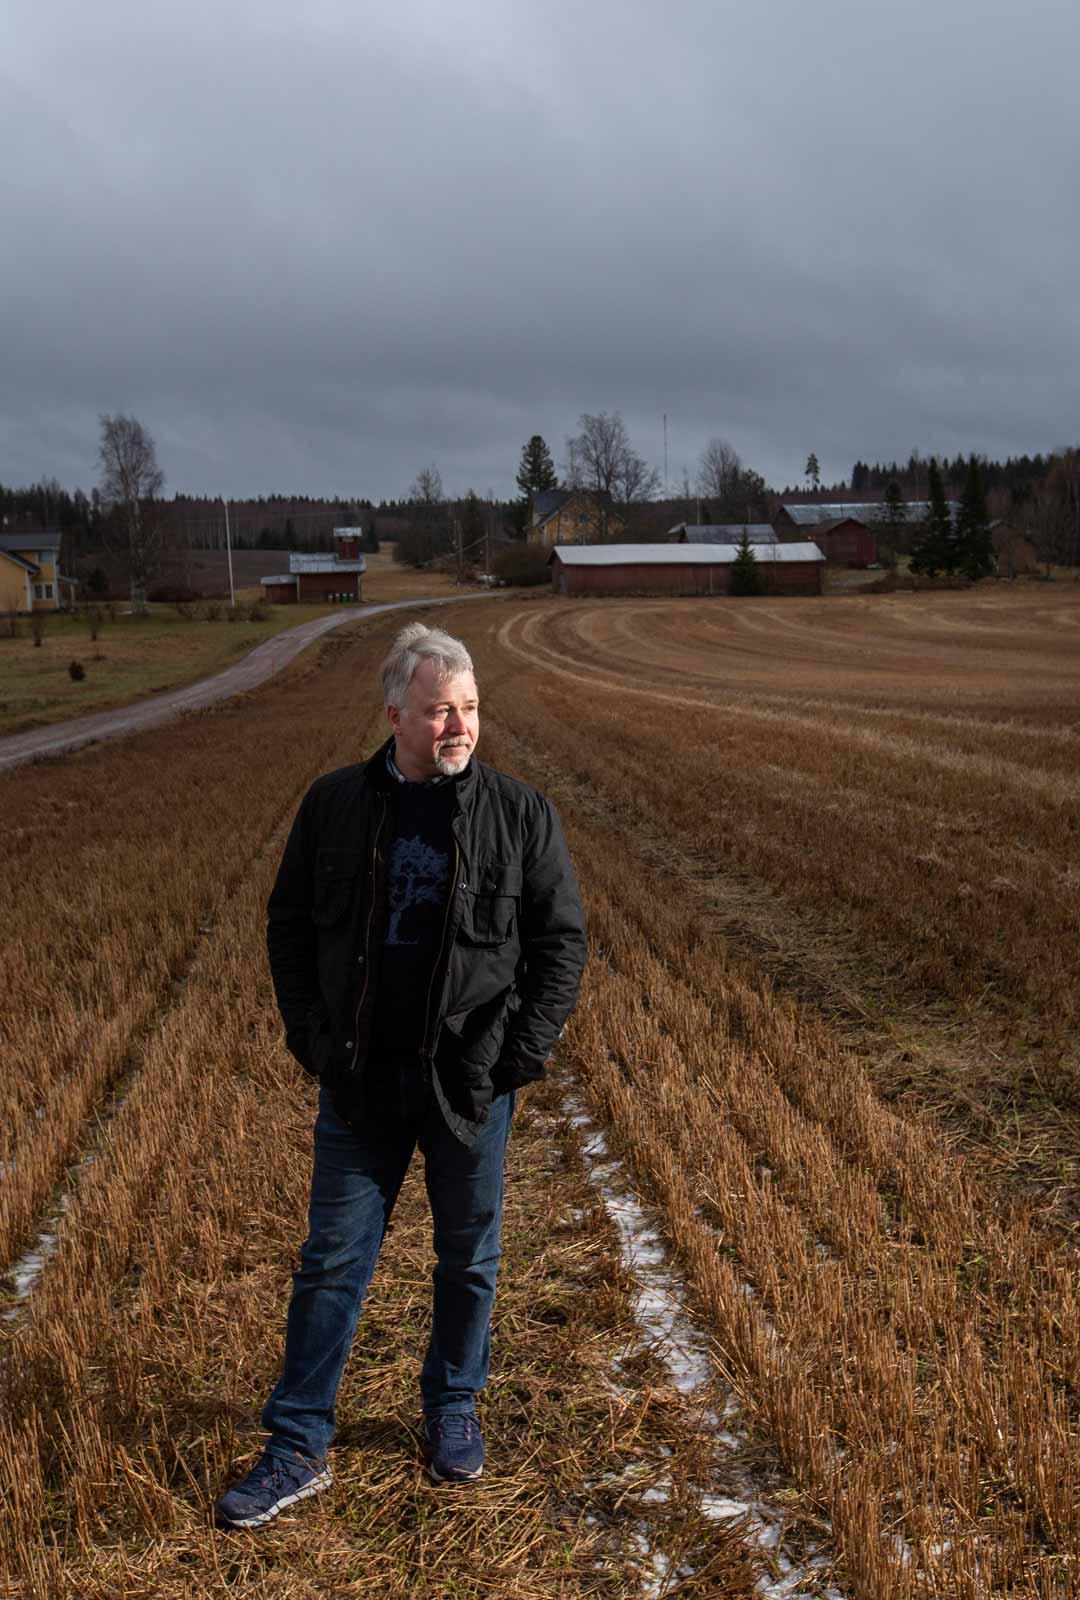 Hollolalainen Juha Pihanen keräsi vuosia uskallusta, ennen kuin pystyi laittamaan sukutilansa pellot vuokralle. Päätös ei ole kaduttanut.